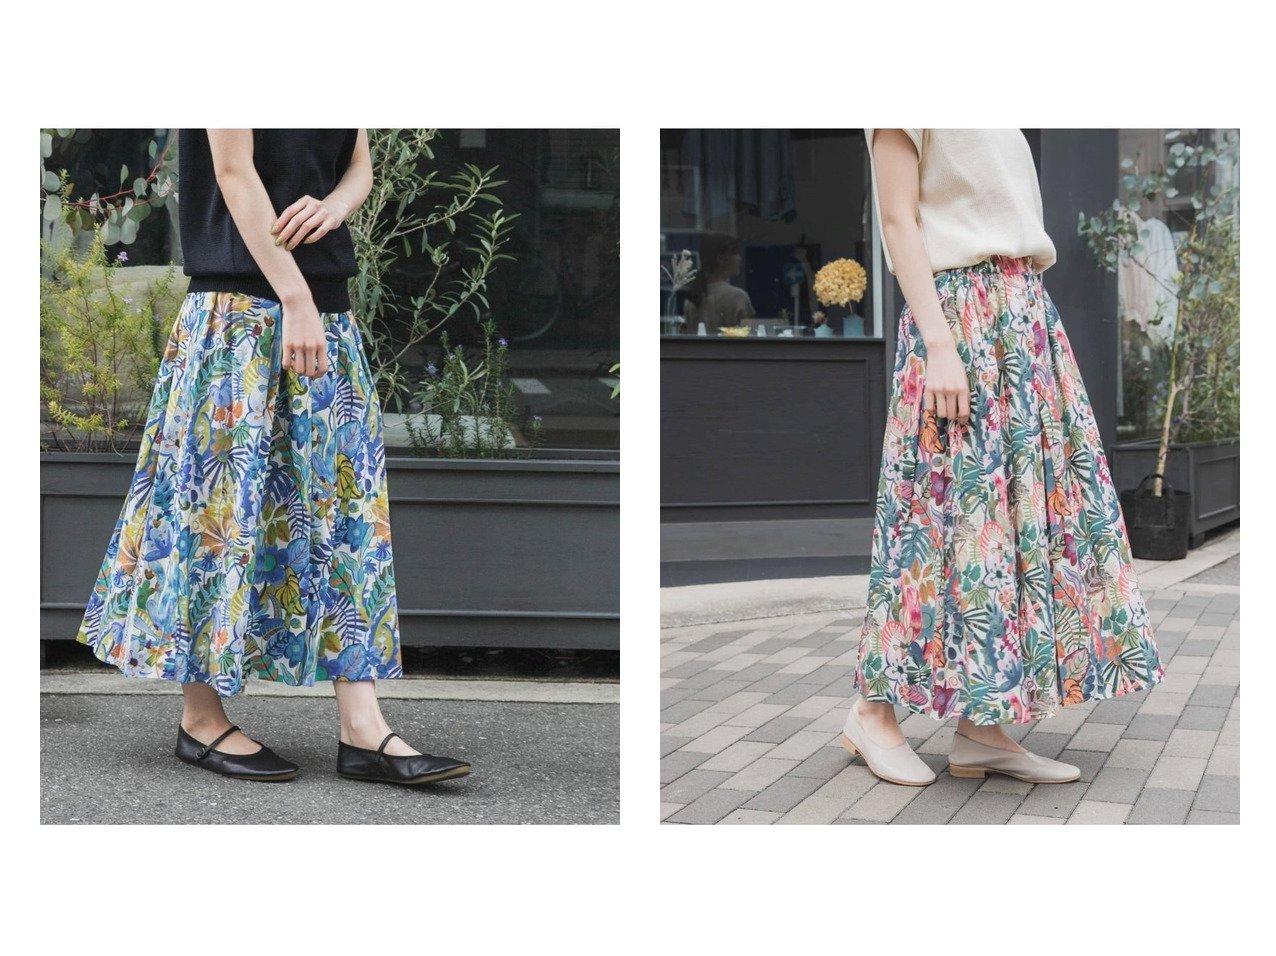 【kagure / URBAN RESEARCH/かぐれ】のボタニカルリバティプリントスカート 【スカート】おすすめ!人気、トレンド・レディースファッションの通販 おすすめで人気の流行・トレンド、ファッションの通販商品 インテリア・家具・メンズファッション・キッズファッション・レディースファッション・服の通販 founy(ファニー) https://founy.com/ ファッション Fashion レディースファッション WOMEN スカート Skirt シンプル 人気 |ID:crp329100000040823